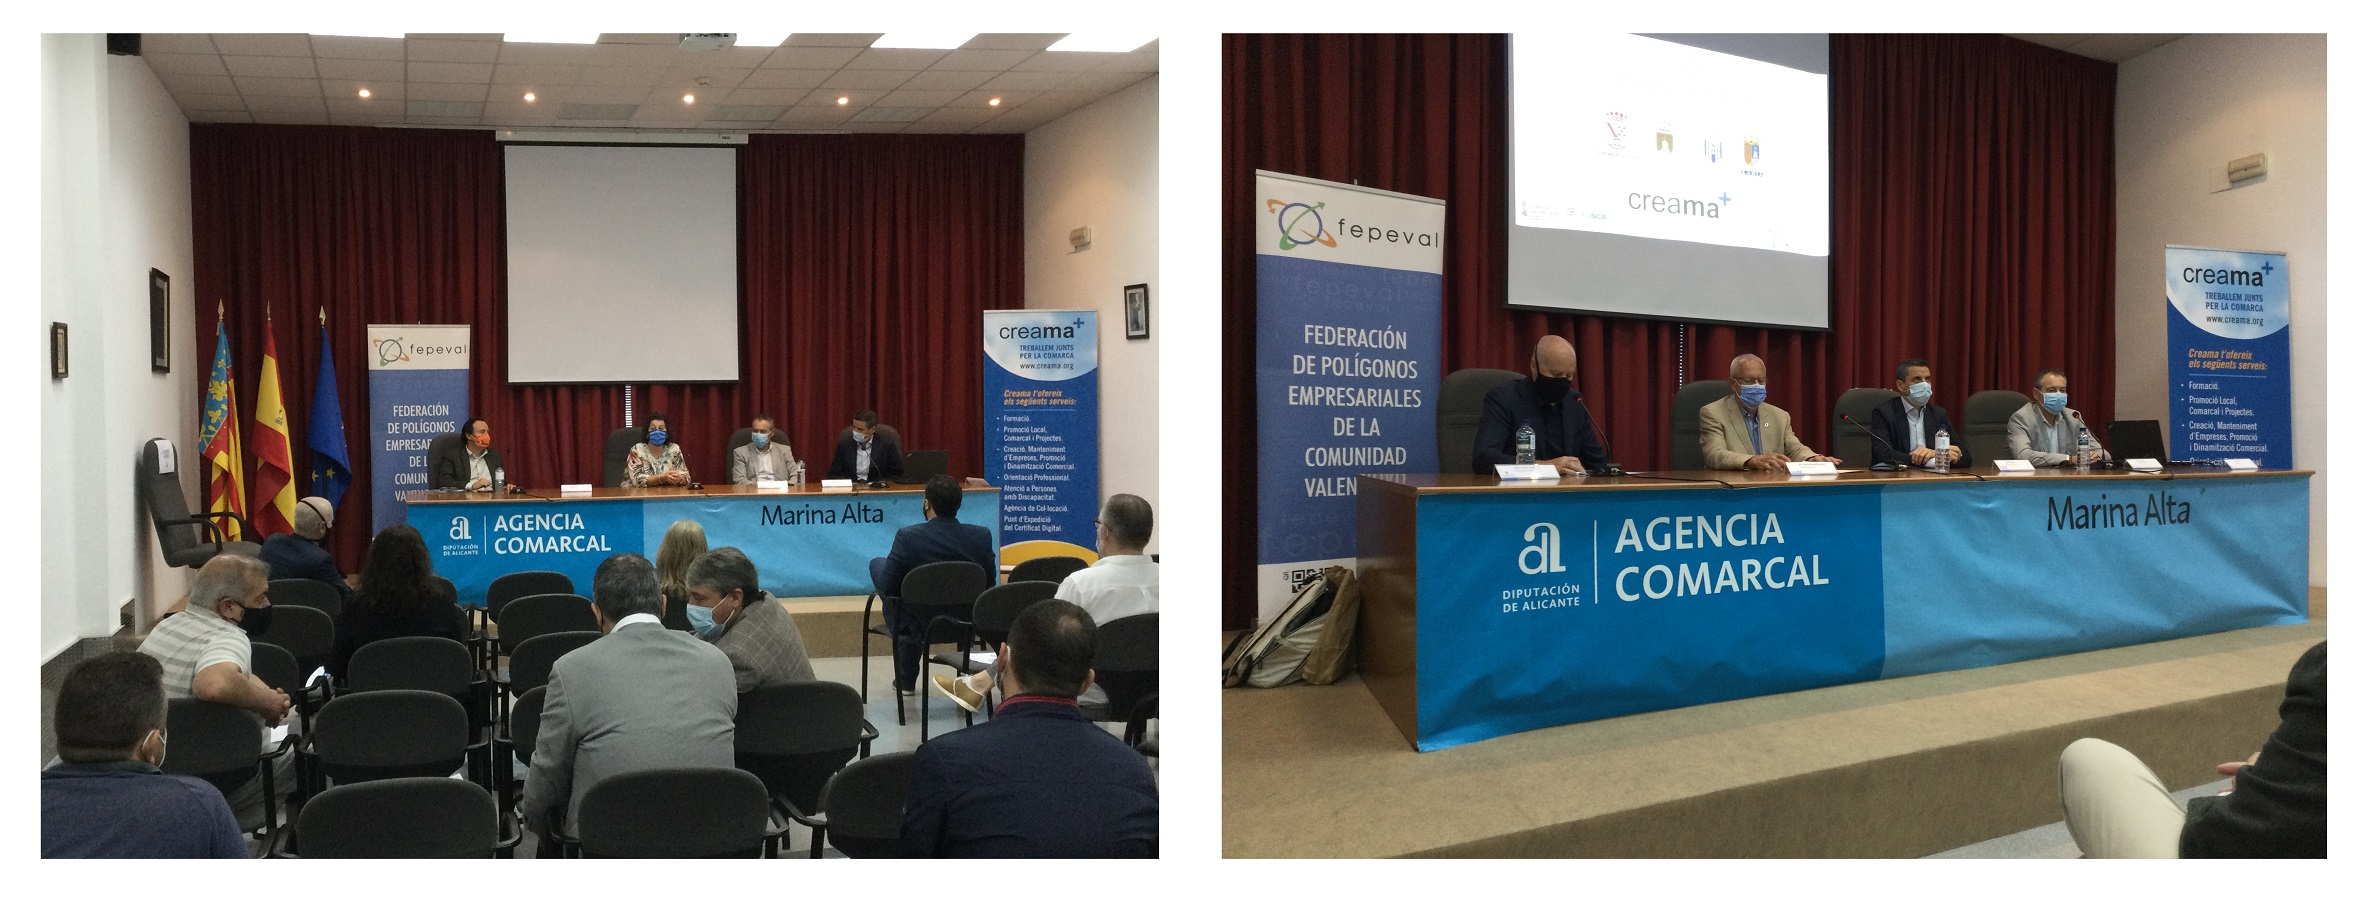 Creama junto con IVACE y FEPEVAL organiza las II jornadas sobre creación de Entidades de Gestión y Modernización.